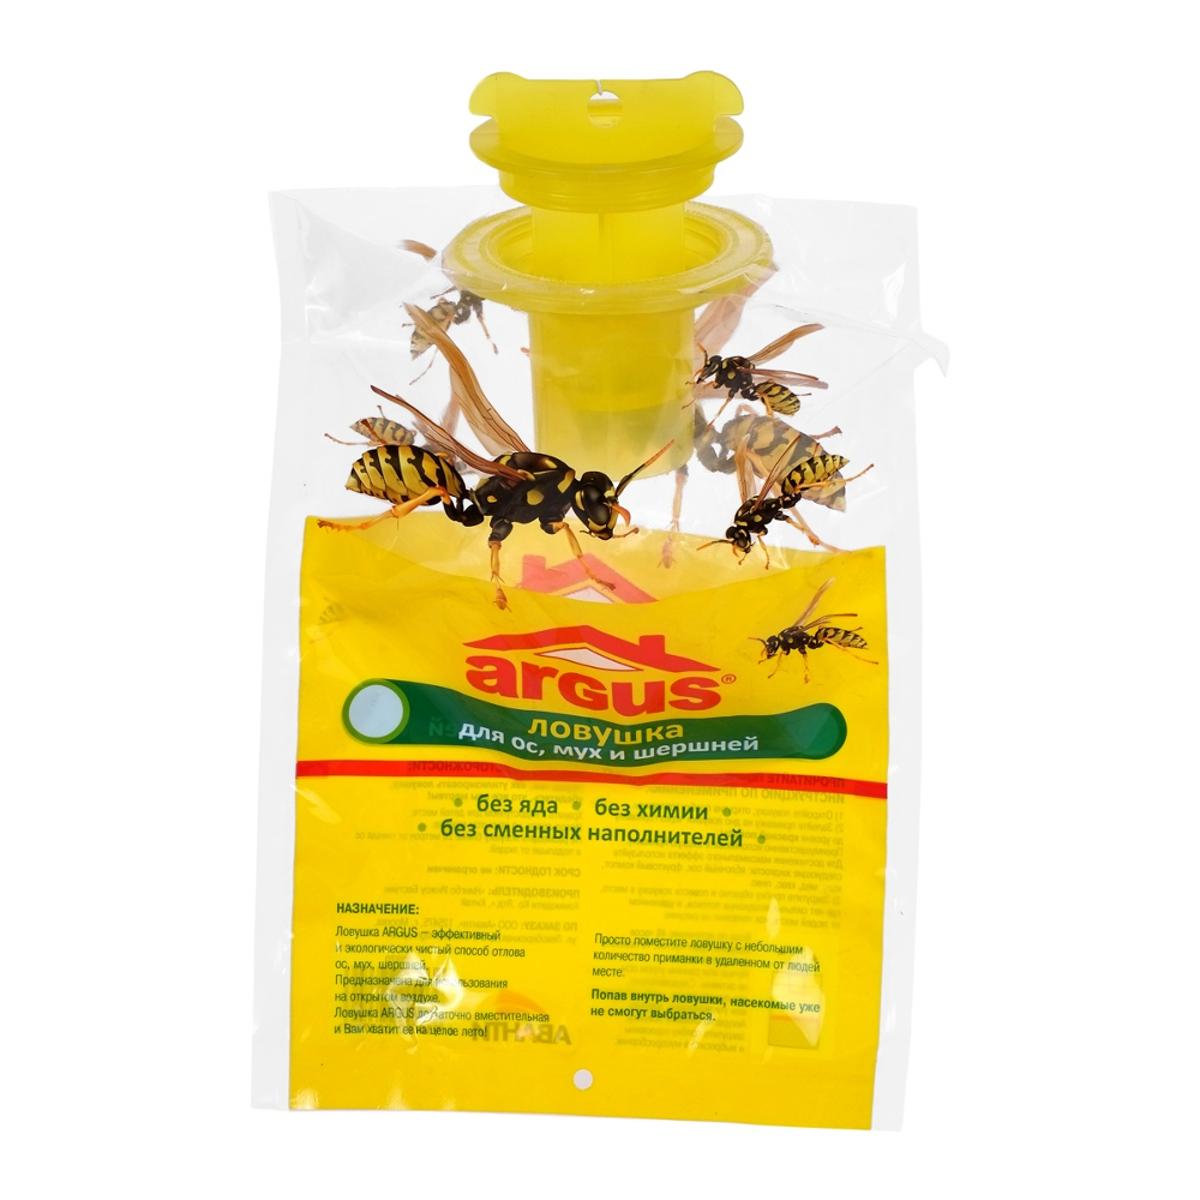 Ловушка для ос, мух и шершней ArgusСЗ.030005Ловушка Argus - это эффективный и экологически чистый способ отлова ос, мух. Выполнена из высококачественного пластика. Не содержит яда и химии. Изделие предназначено для использования на открытом воздухе. Просто поместите ловушку с небольшим количеством приманки в удаленном от людей месте. Попав внутрь ловушки, насекомые уже не смогут выбраться. Изделие достаточно вместительно и вам хватит ее на целое лето!